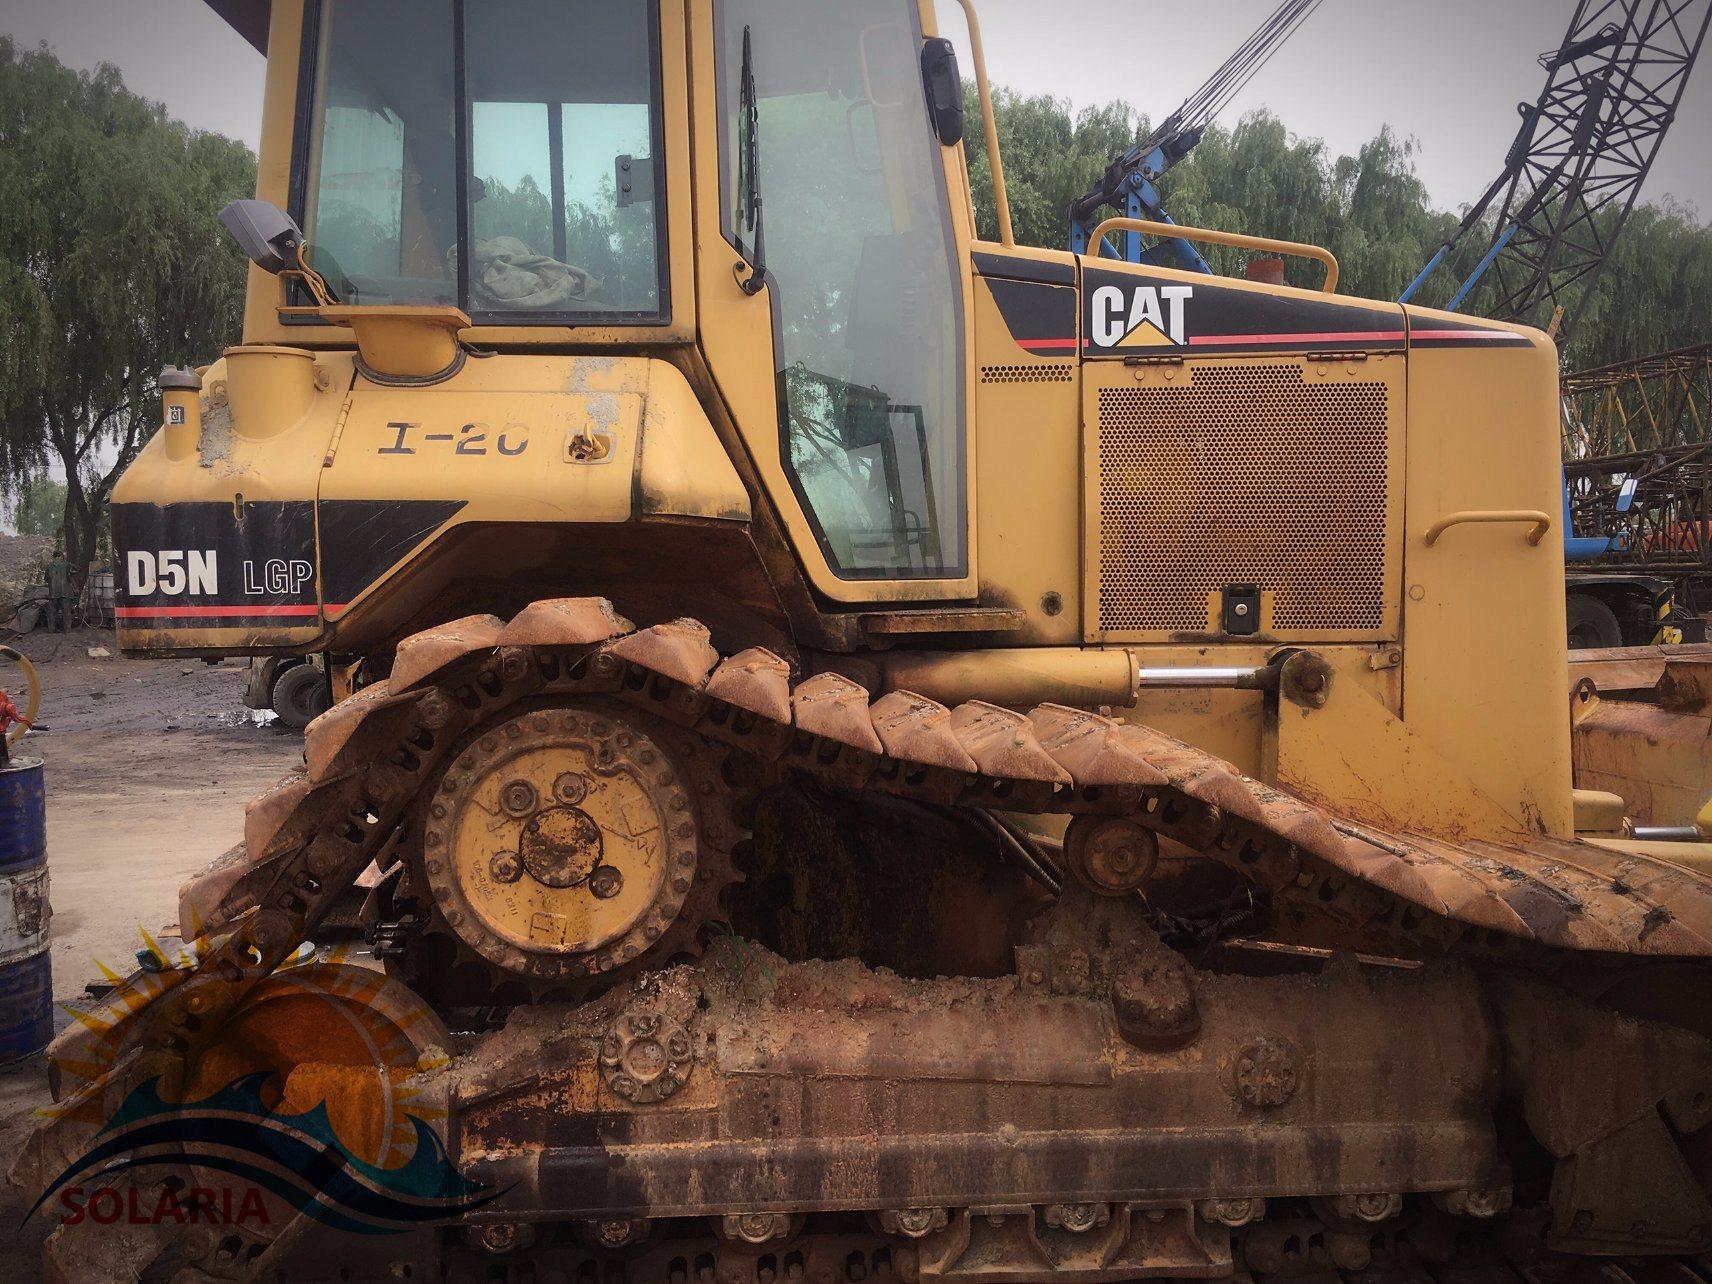 China Used Original Japan Caterpillar Tractor D5n LGP